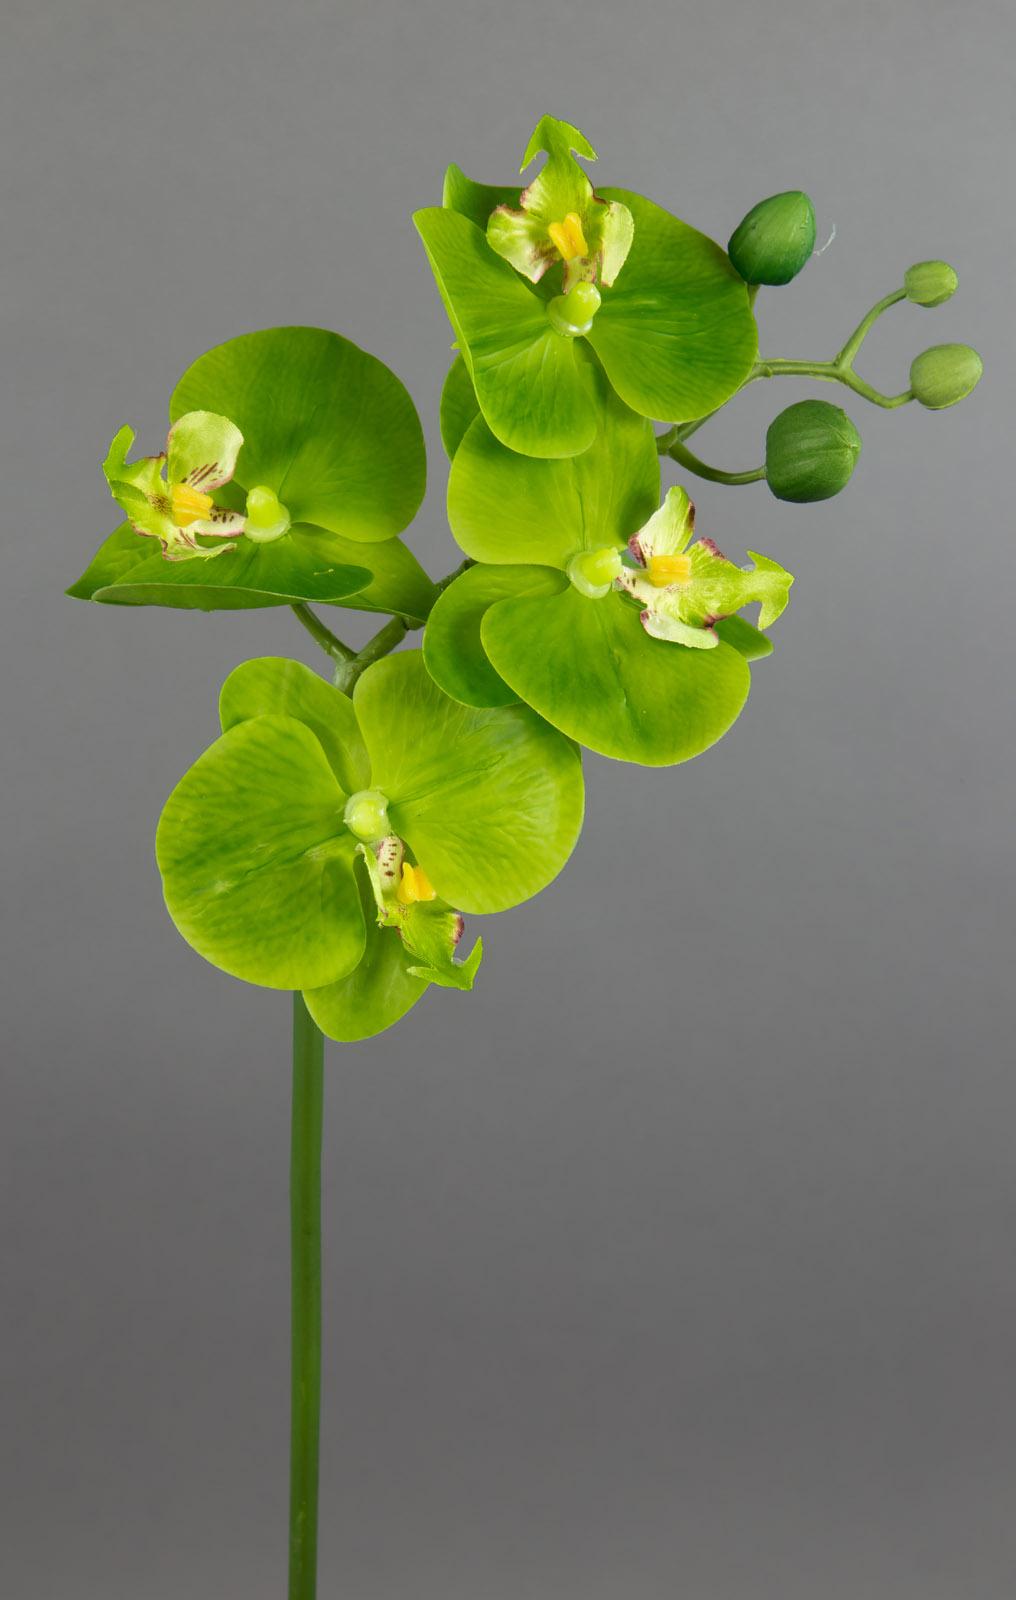 orchideenzweig real touch 48cm gr n k nstliche orchidee blumen kunstblumen ebay. Black Bedroom Furniture Sets. Home Design Ideas